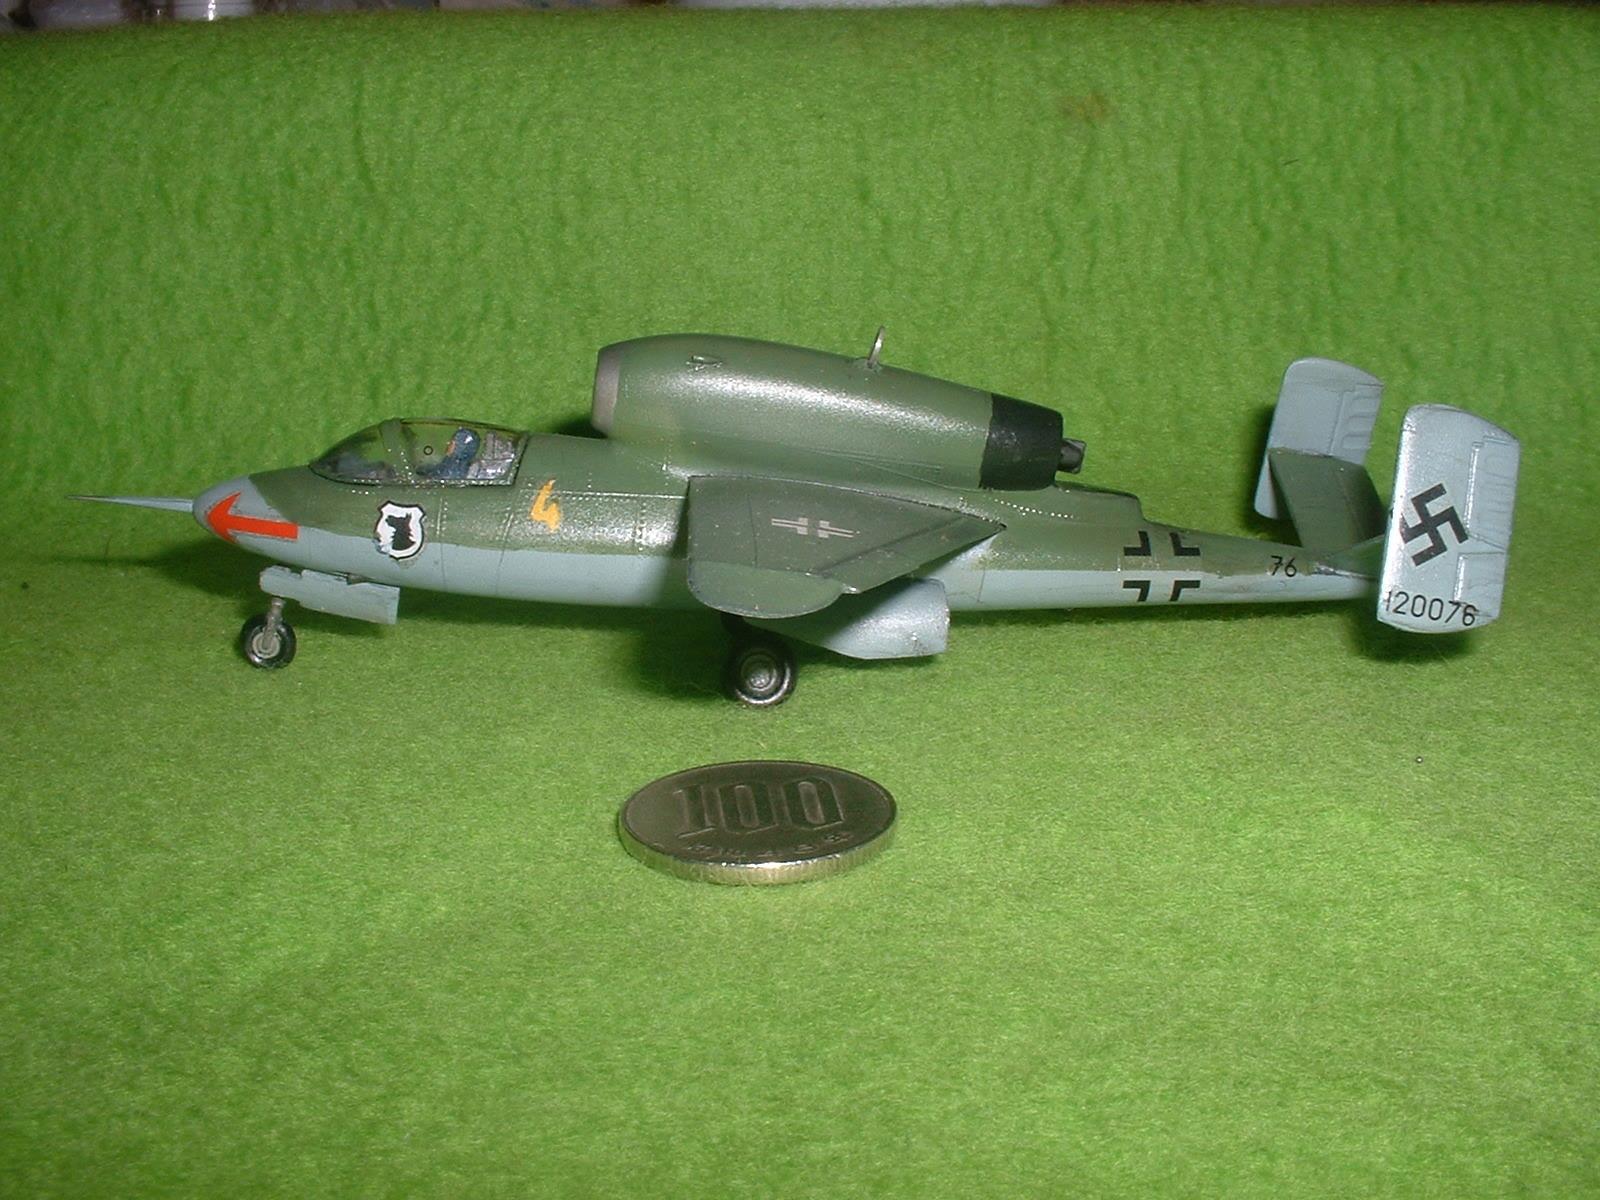 2016年08 月11日完成 リンドバーク72分の1「ハインケル He162 」その4.JPG